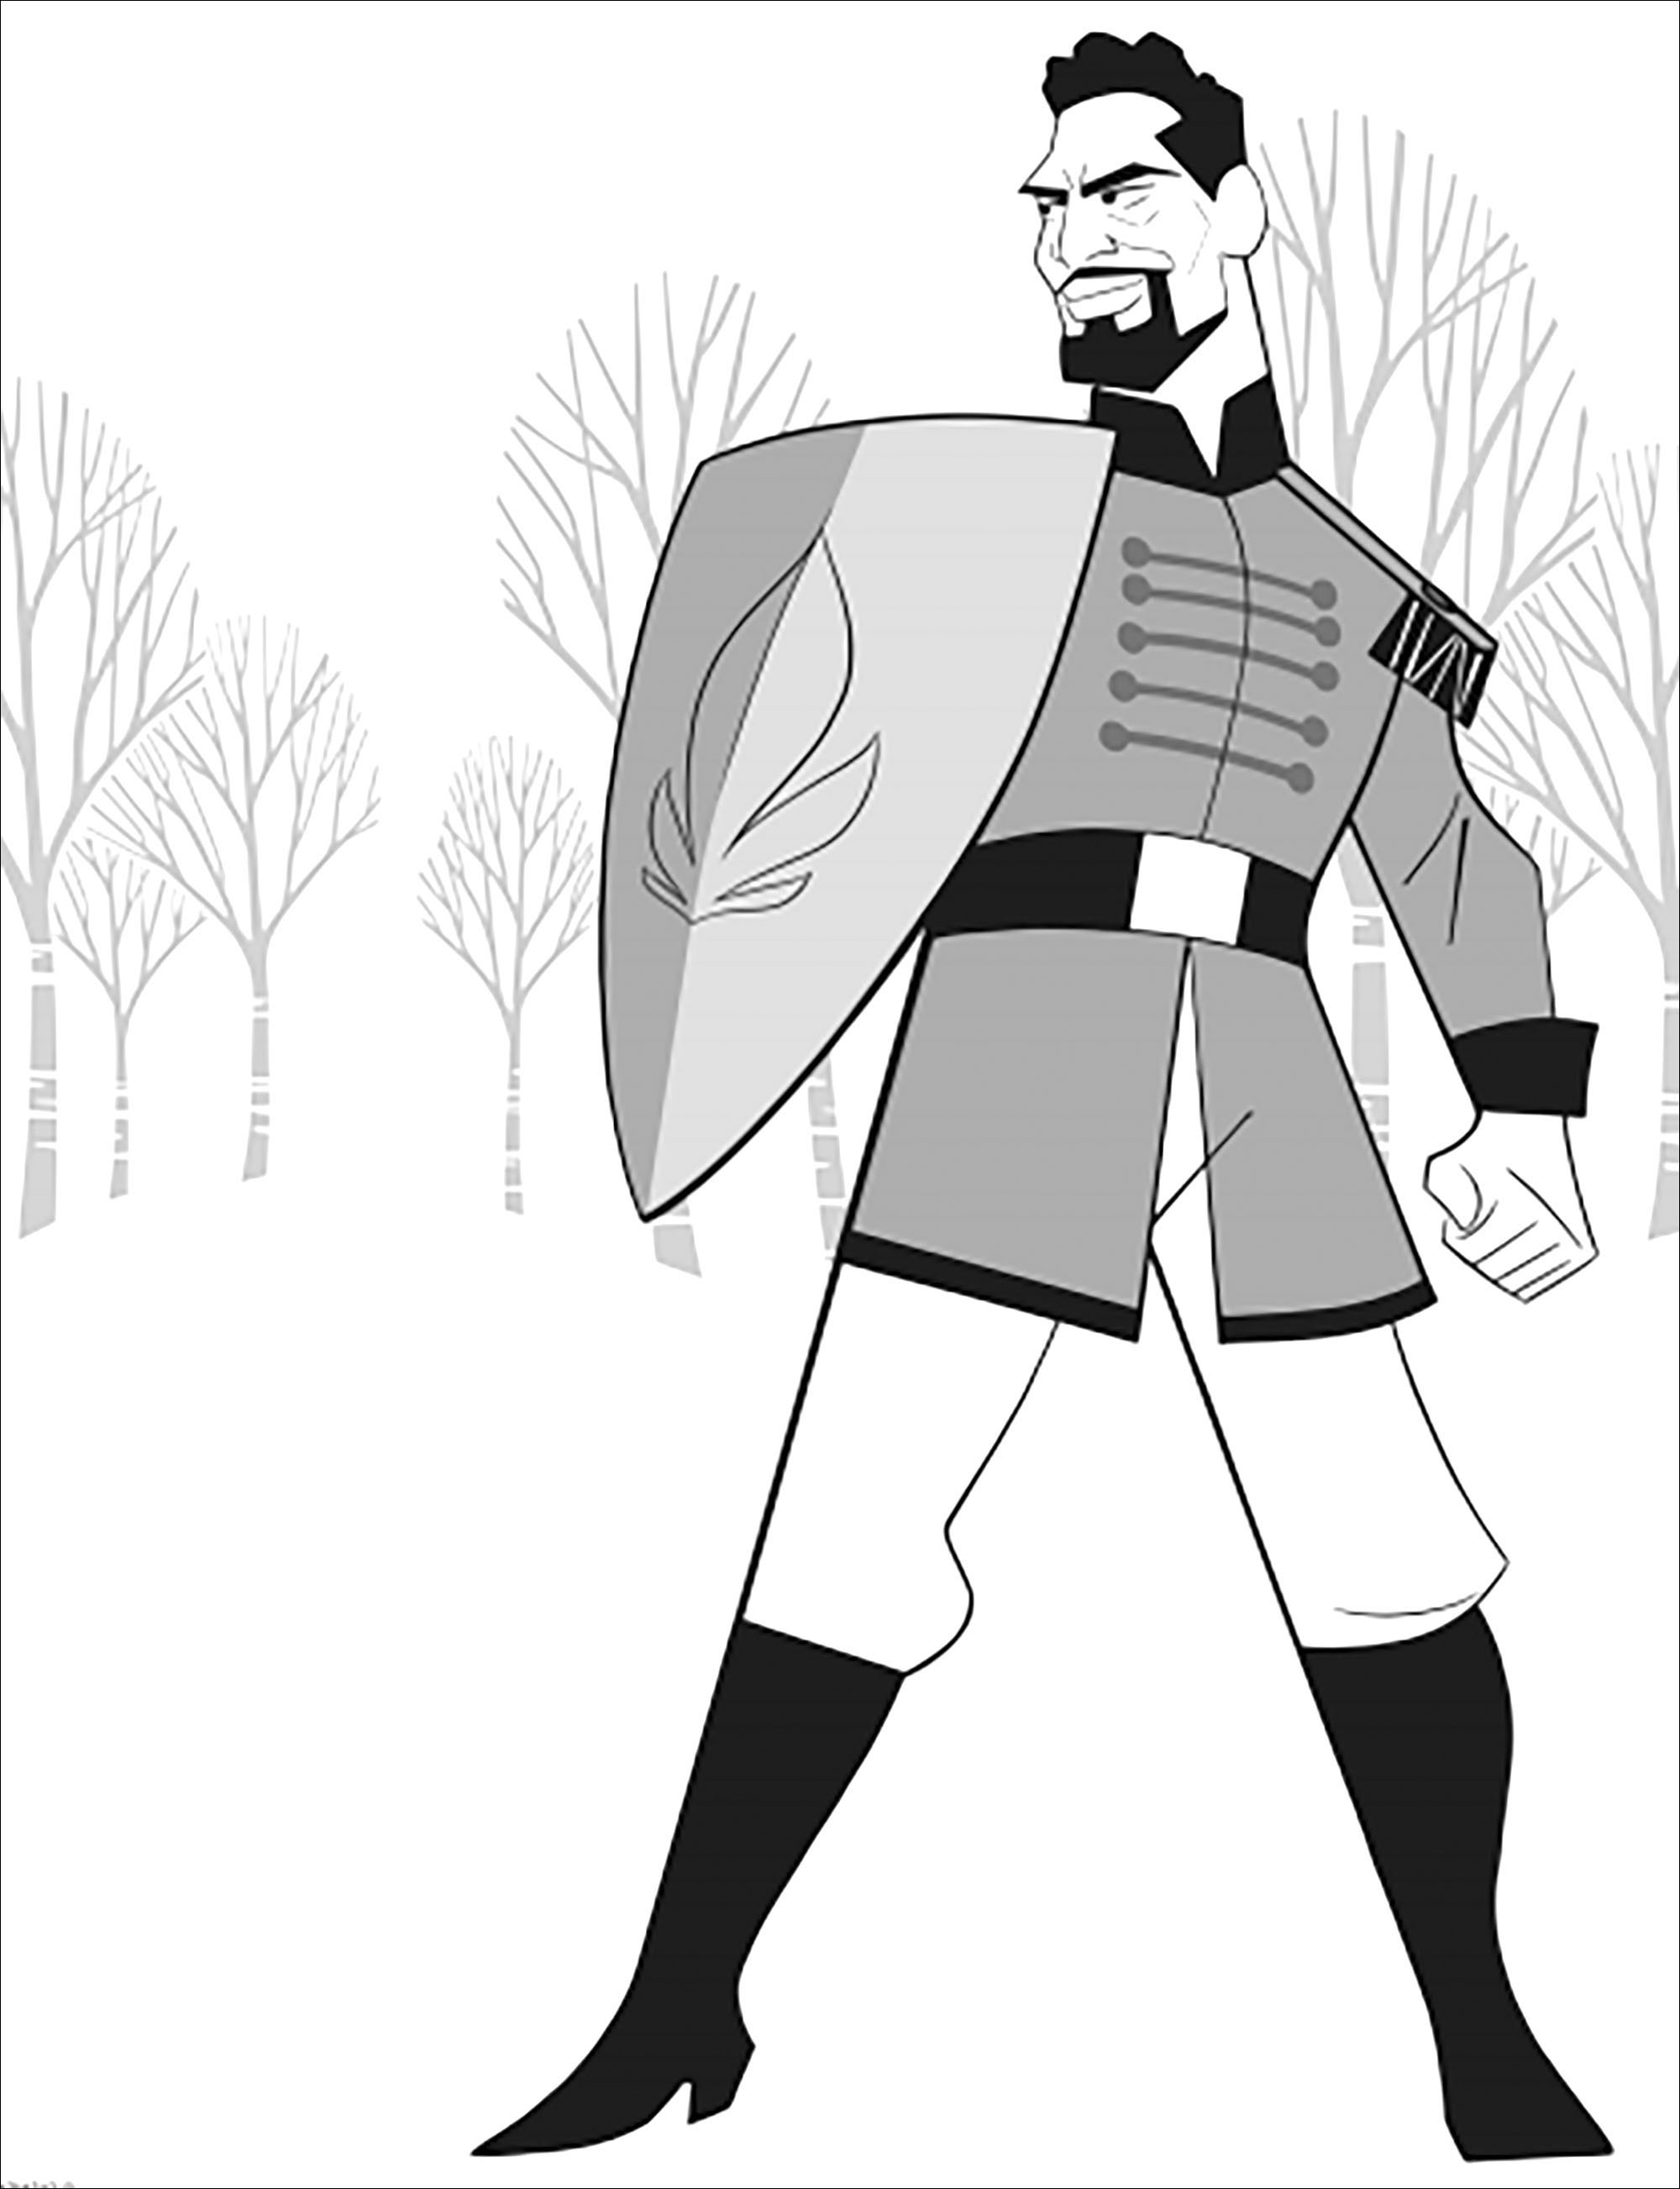 Un nouveau personnage introduit dans La reine des neiges 2 (Disney) : le Lieutenant Mattias (version sans texte)